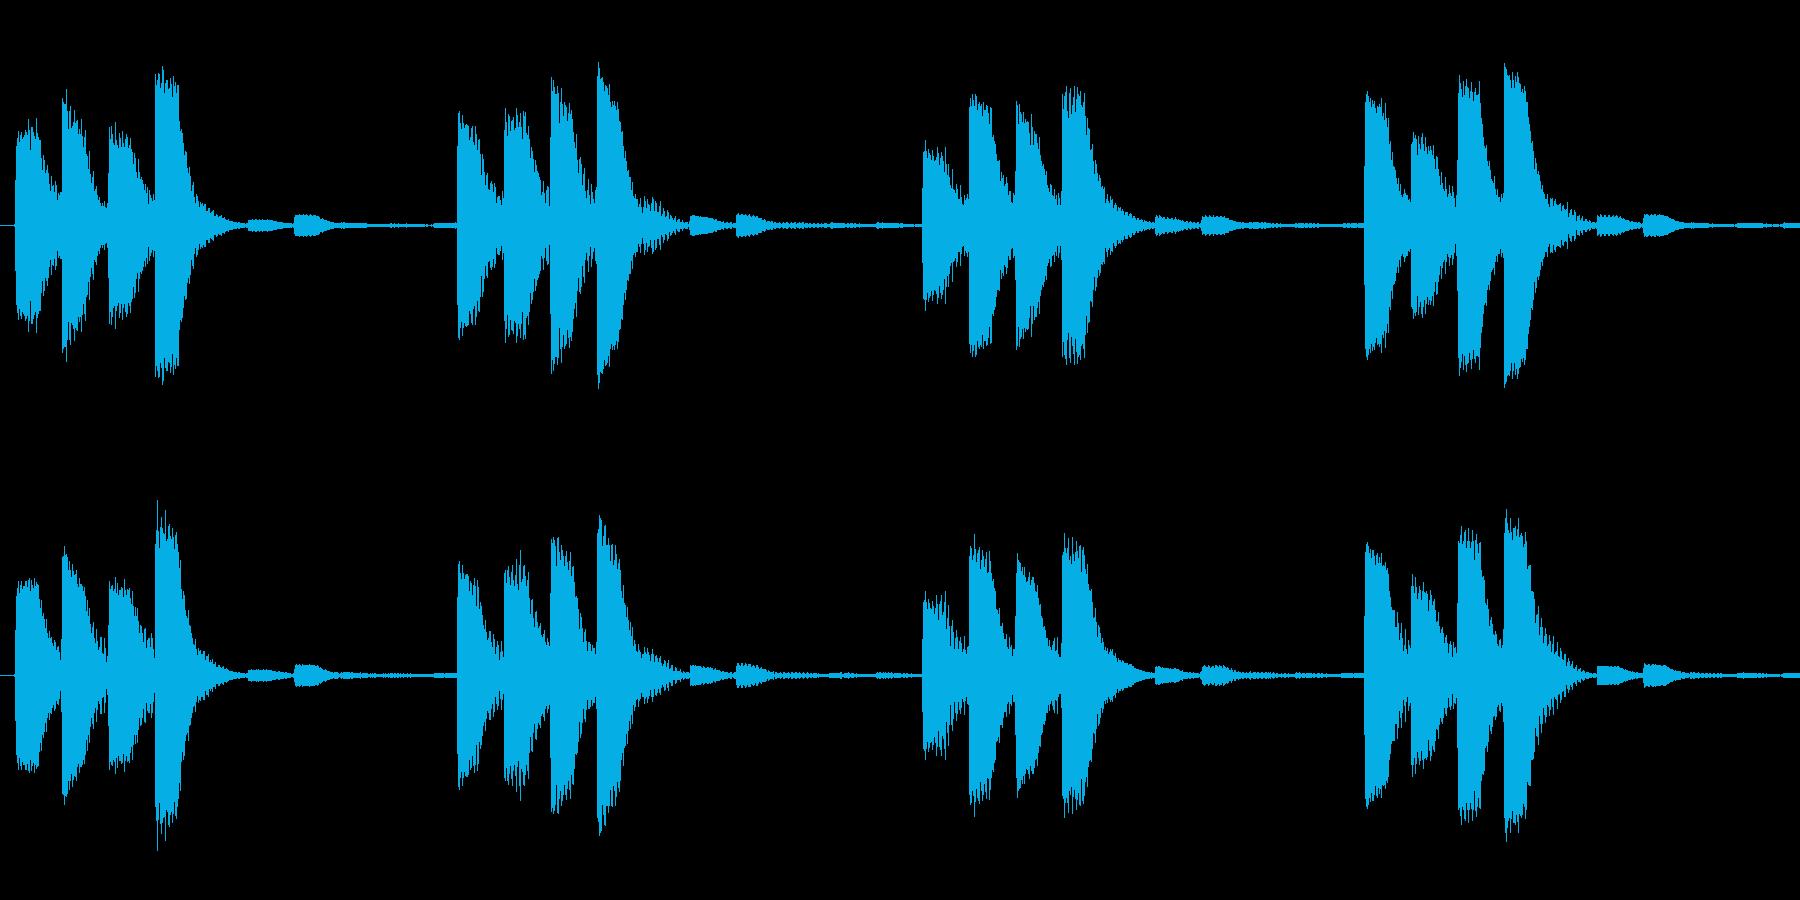 ピピピピッ(繰り返し)の再生済みの波形